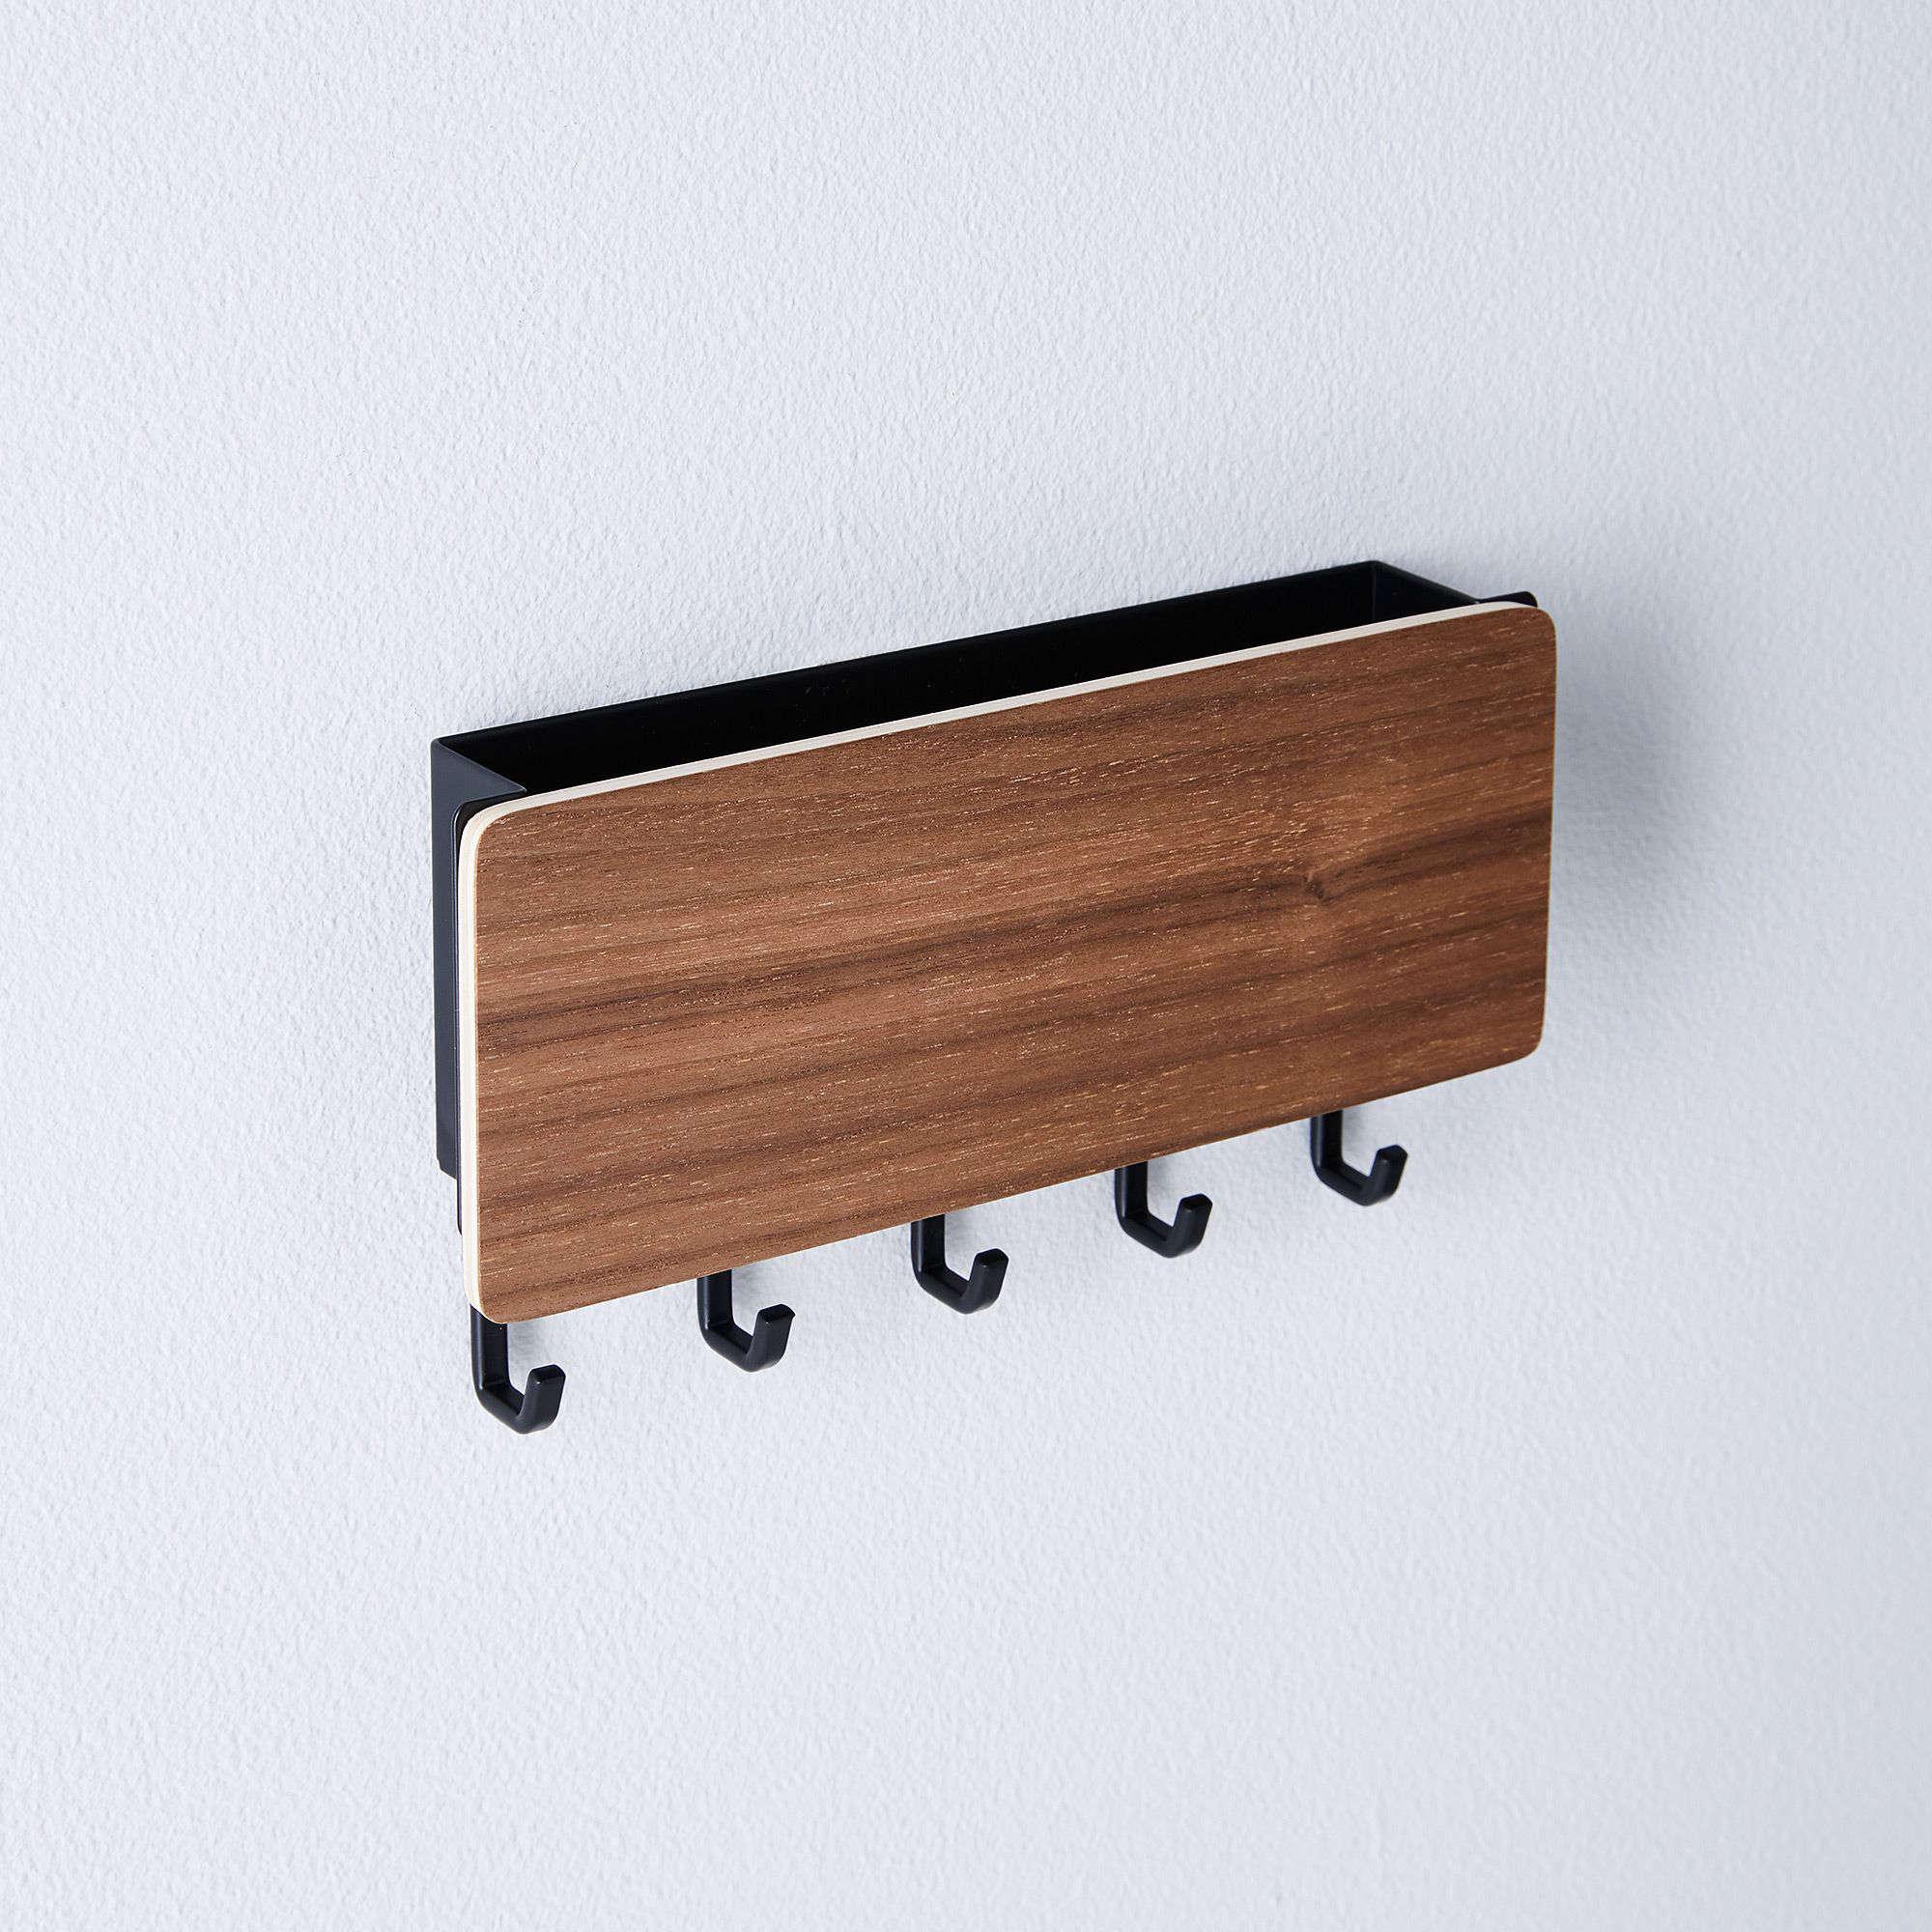 puseky U Shape Key Holder Rack Letter Post Organizer Wall Mount Hanger Shelf w// 4 Hooks for Home